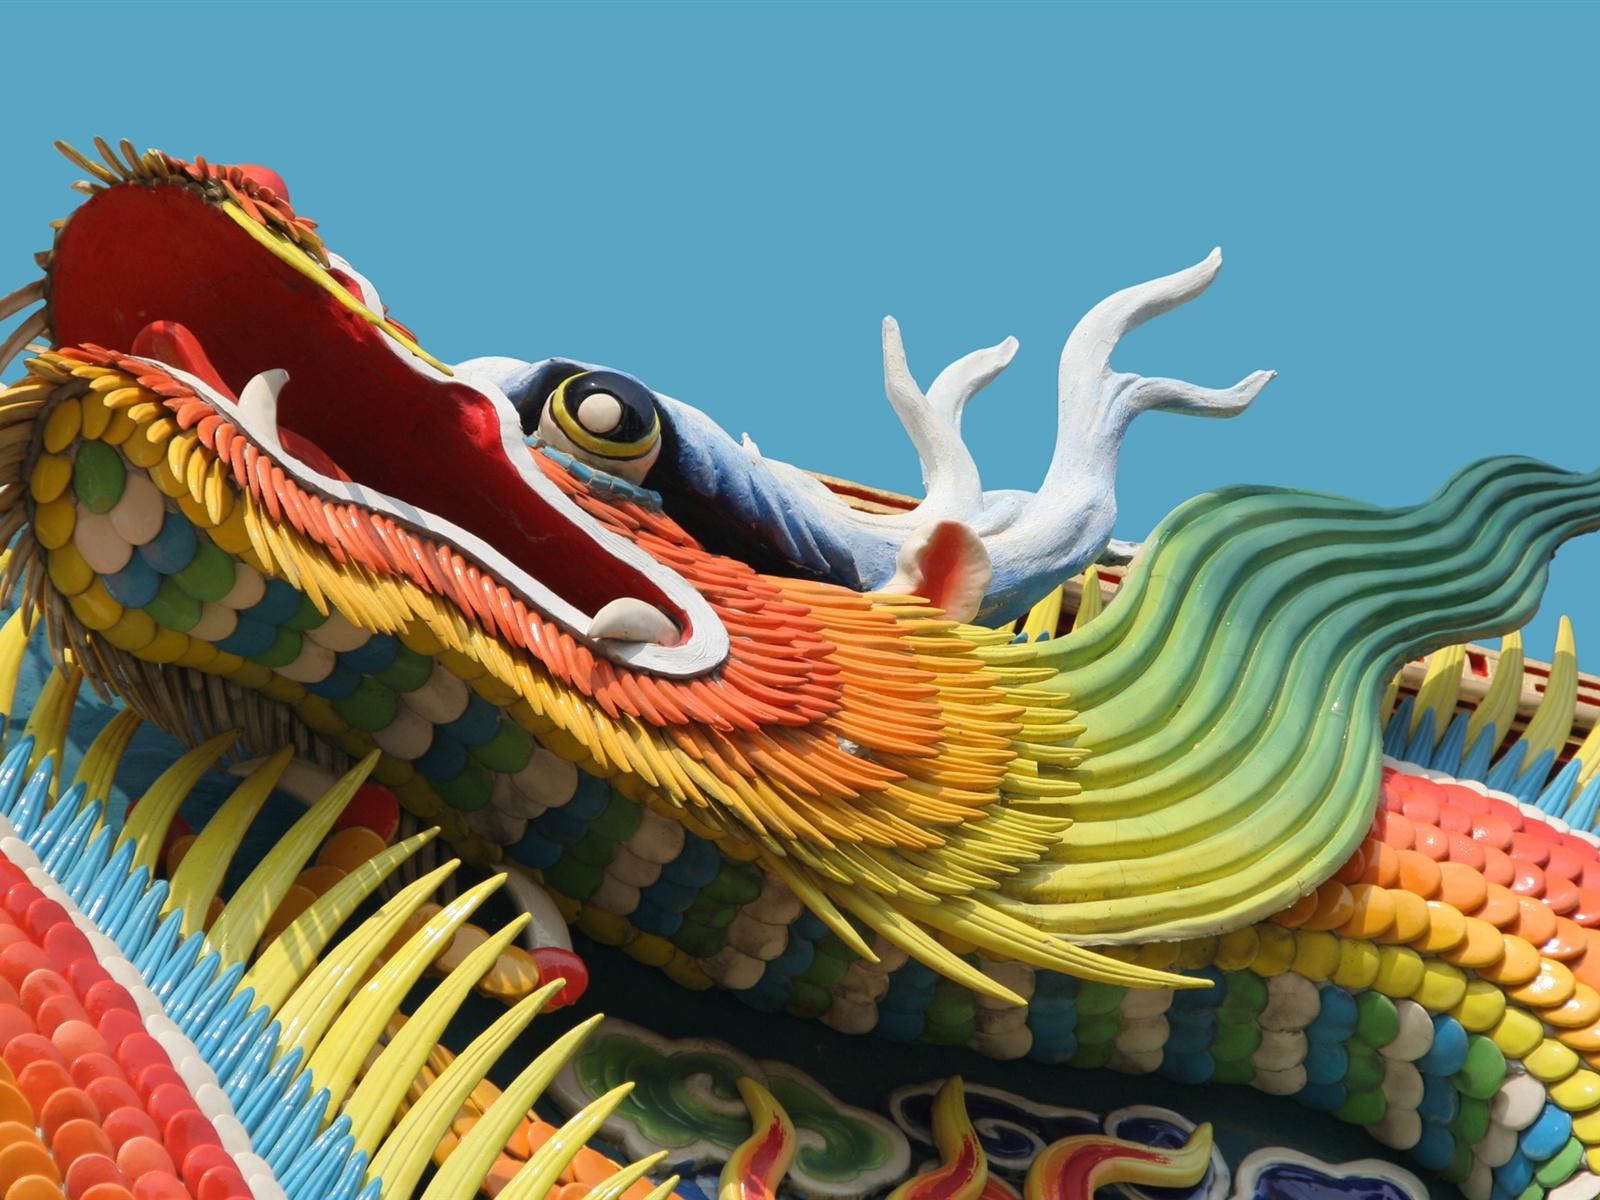 dragon wallpaper 1600x1200 - photo #25